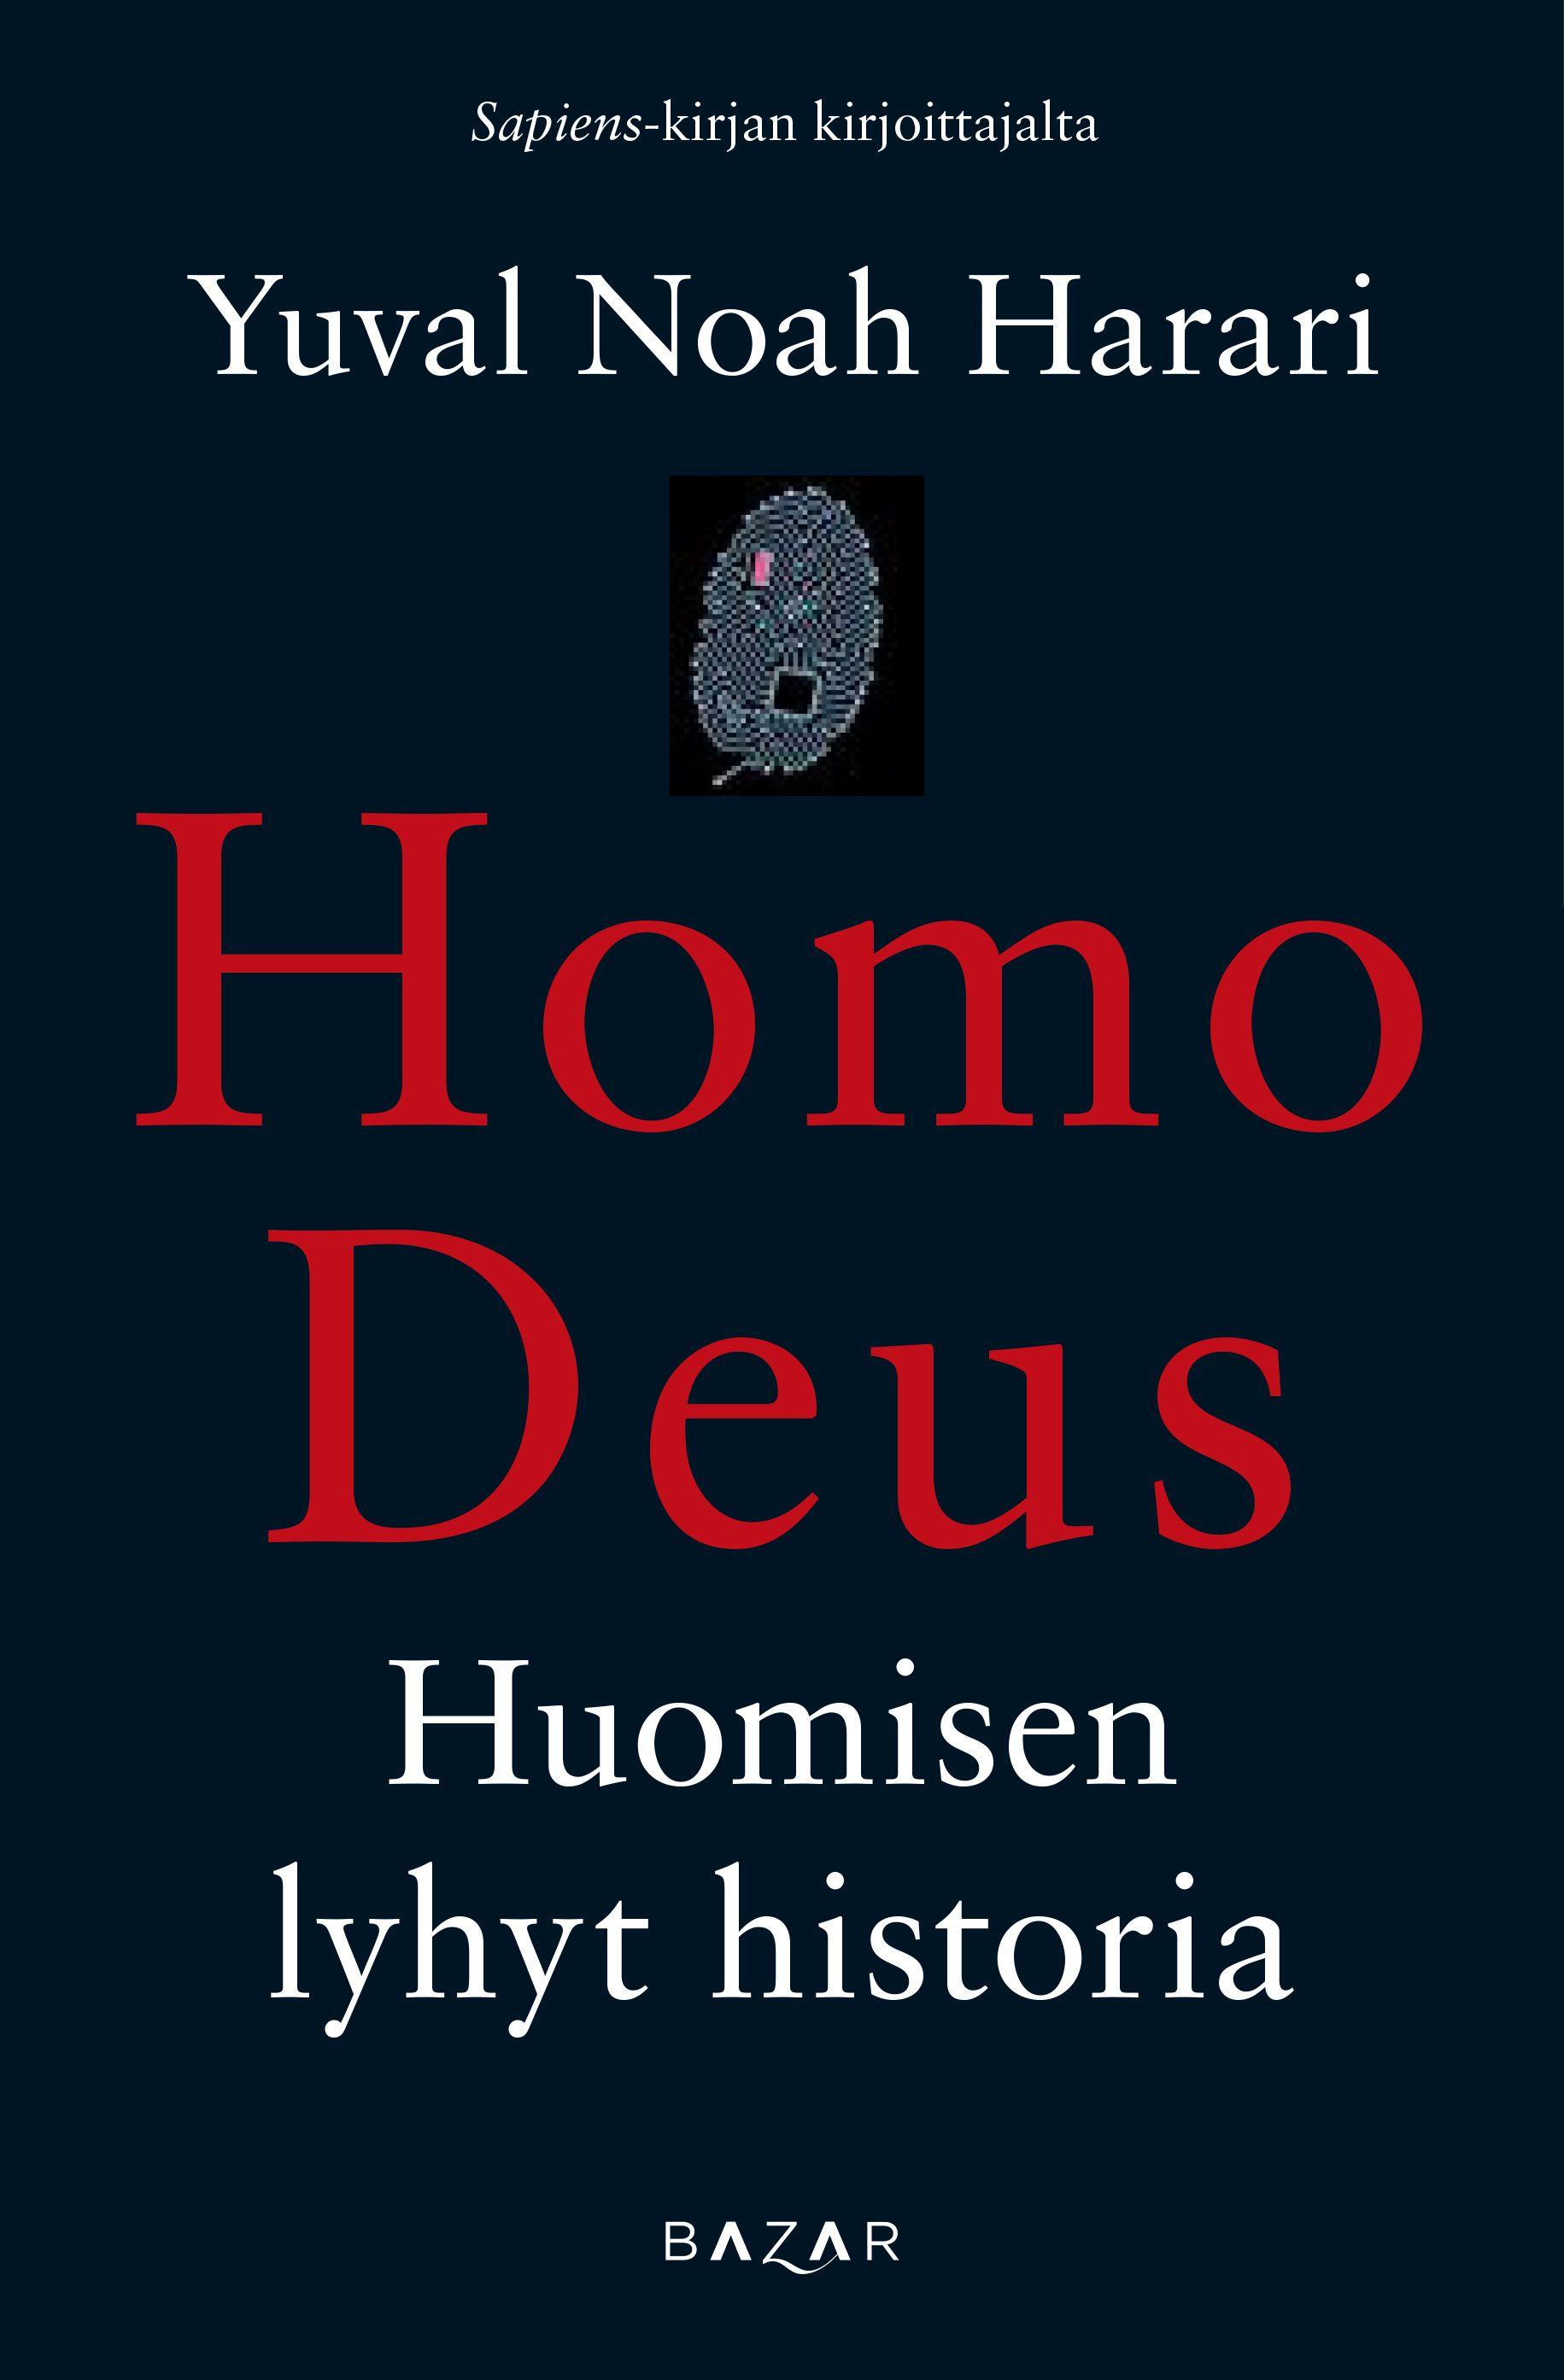 Homo deus - Bazar Kustannus  Sapiens-kirjallaan tunnetuksi tullut Yuval Noah Harari pohtii uutuuskirjassaan Homo Deus ihmiskunnan seuraavia askeleita. Sapiensissa tarkasteltiin, miten lajimme valloitti maailman ainutlaatuisella kyvyllään uskoa yhteisiin myytteihin jumalista, rahasta, tasa-arvosta ja vapaudesta. Homo Deus-kirjassa katse kääntyy kohti tulevaisuutta: mitä tapahtuu, kun vanhat myytit yhdistetään uusiin, jumalankaltaisiin teknologioihin kuten tekoälyyn ja geenitekniikkaan?